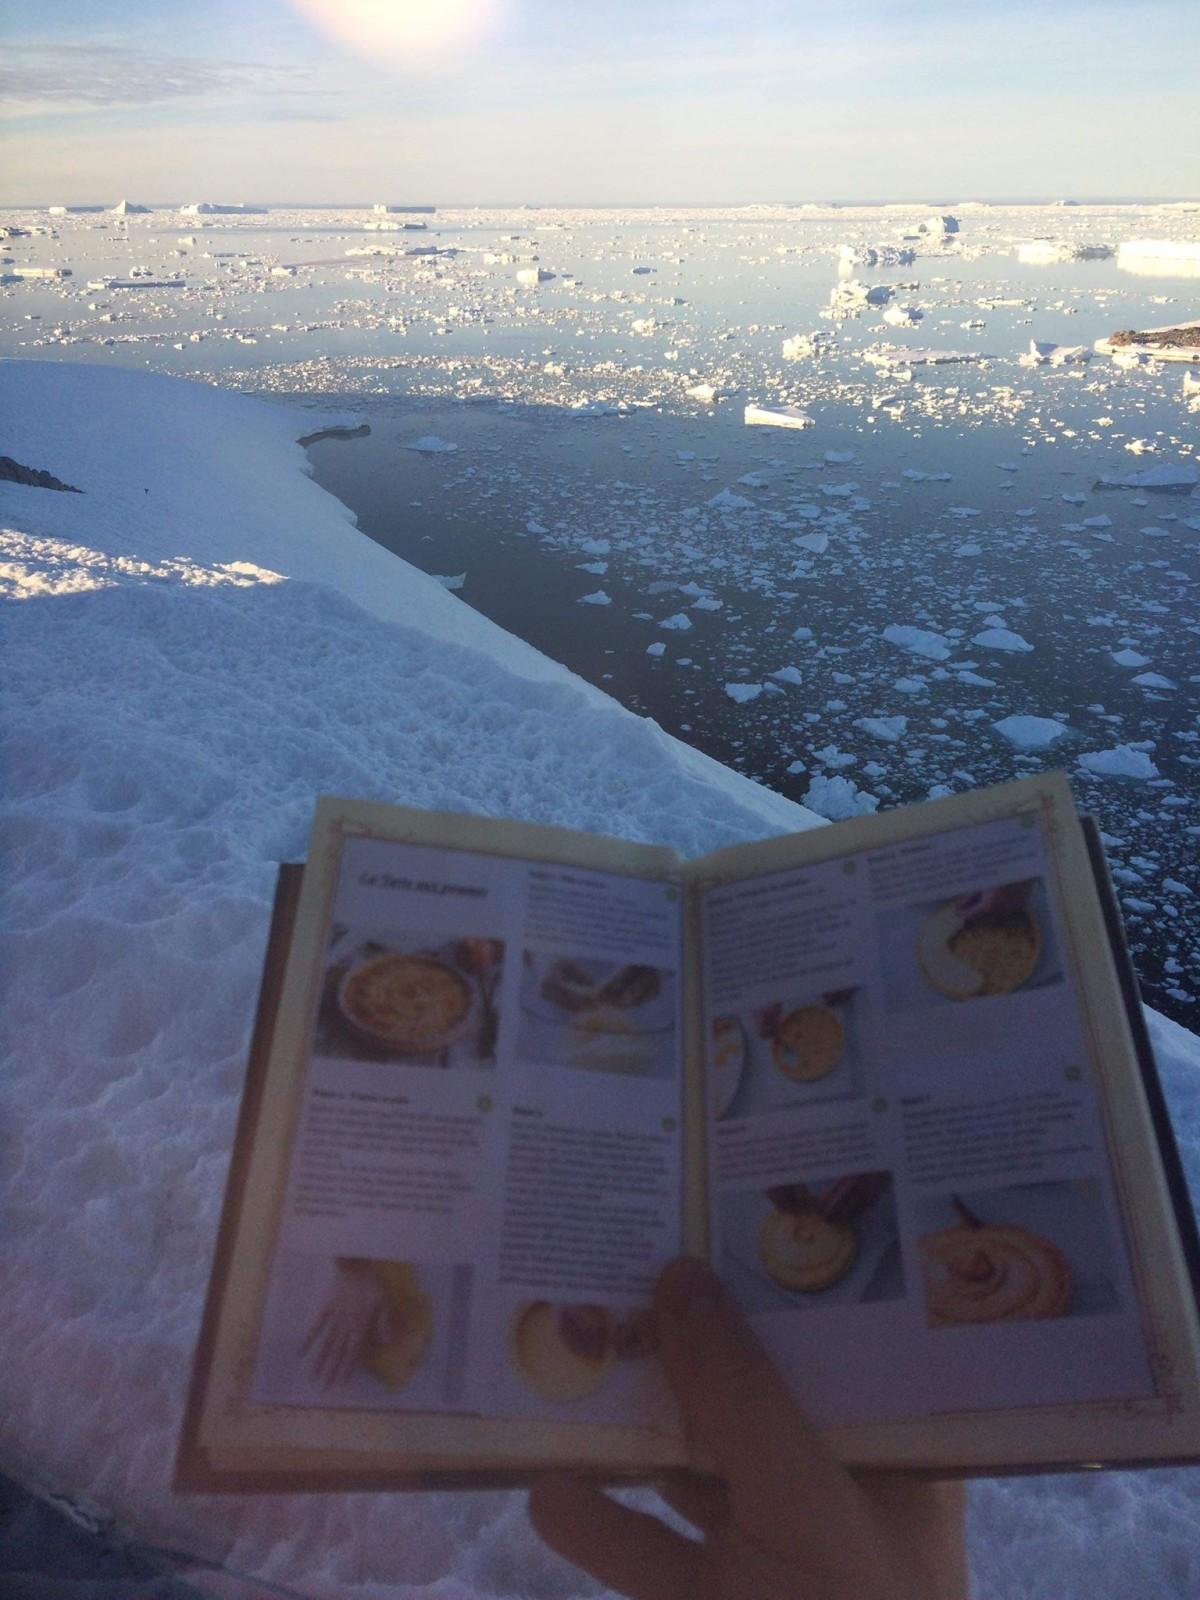 Un des livres est arrivé en Antarctique. ©DR